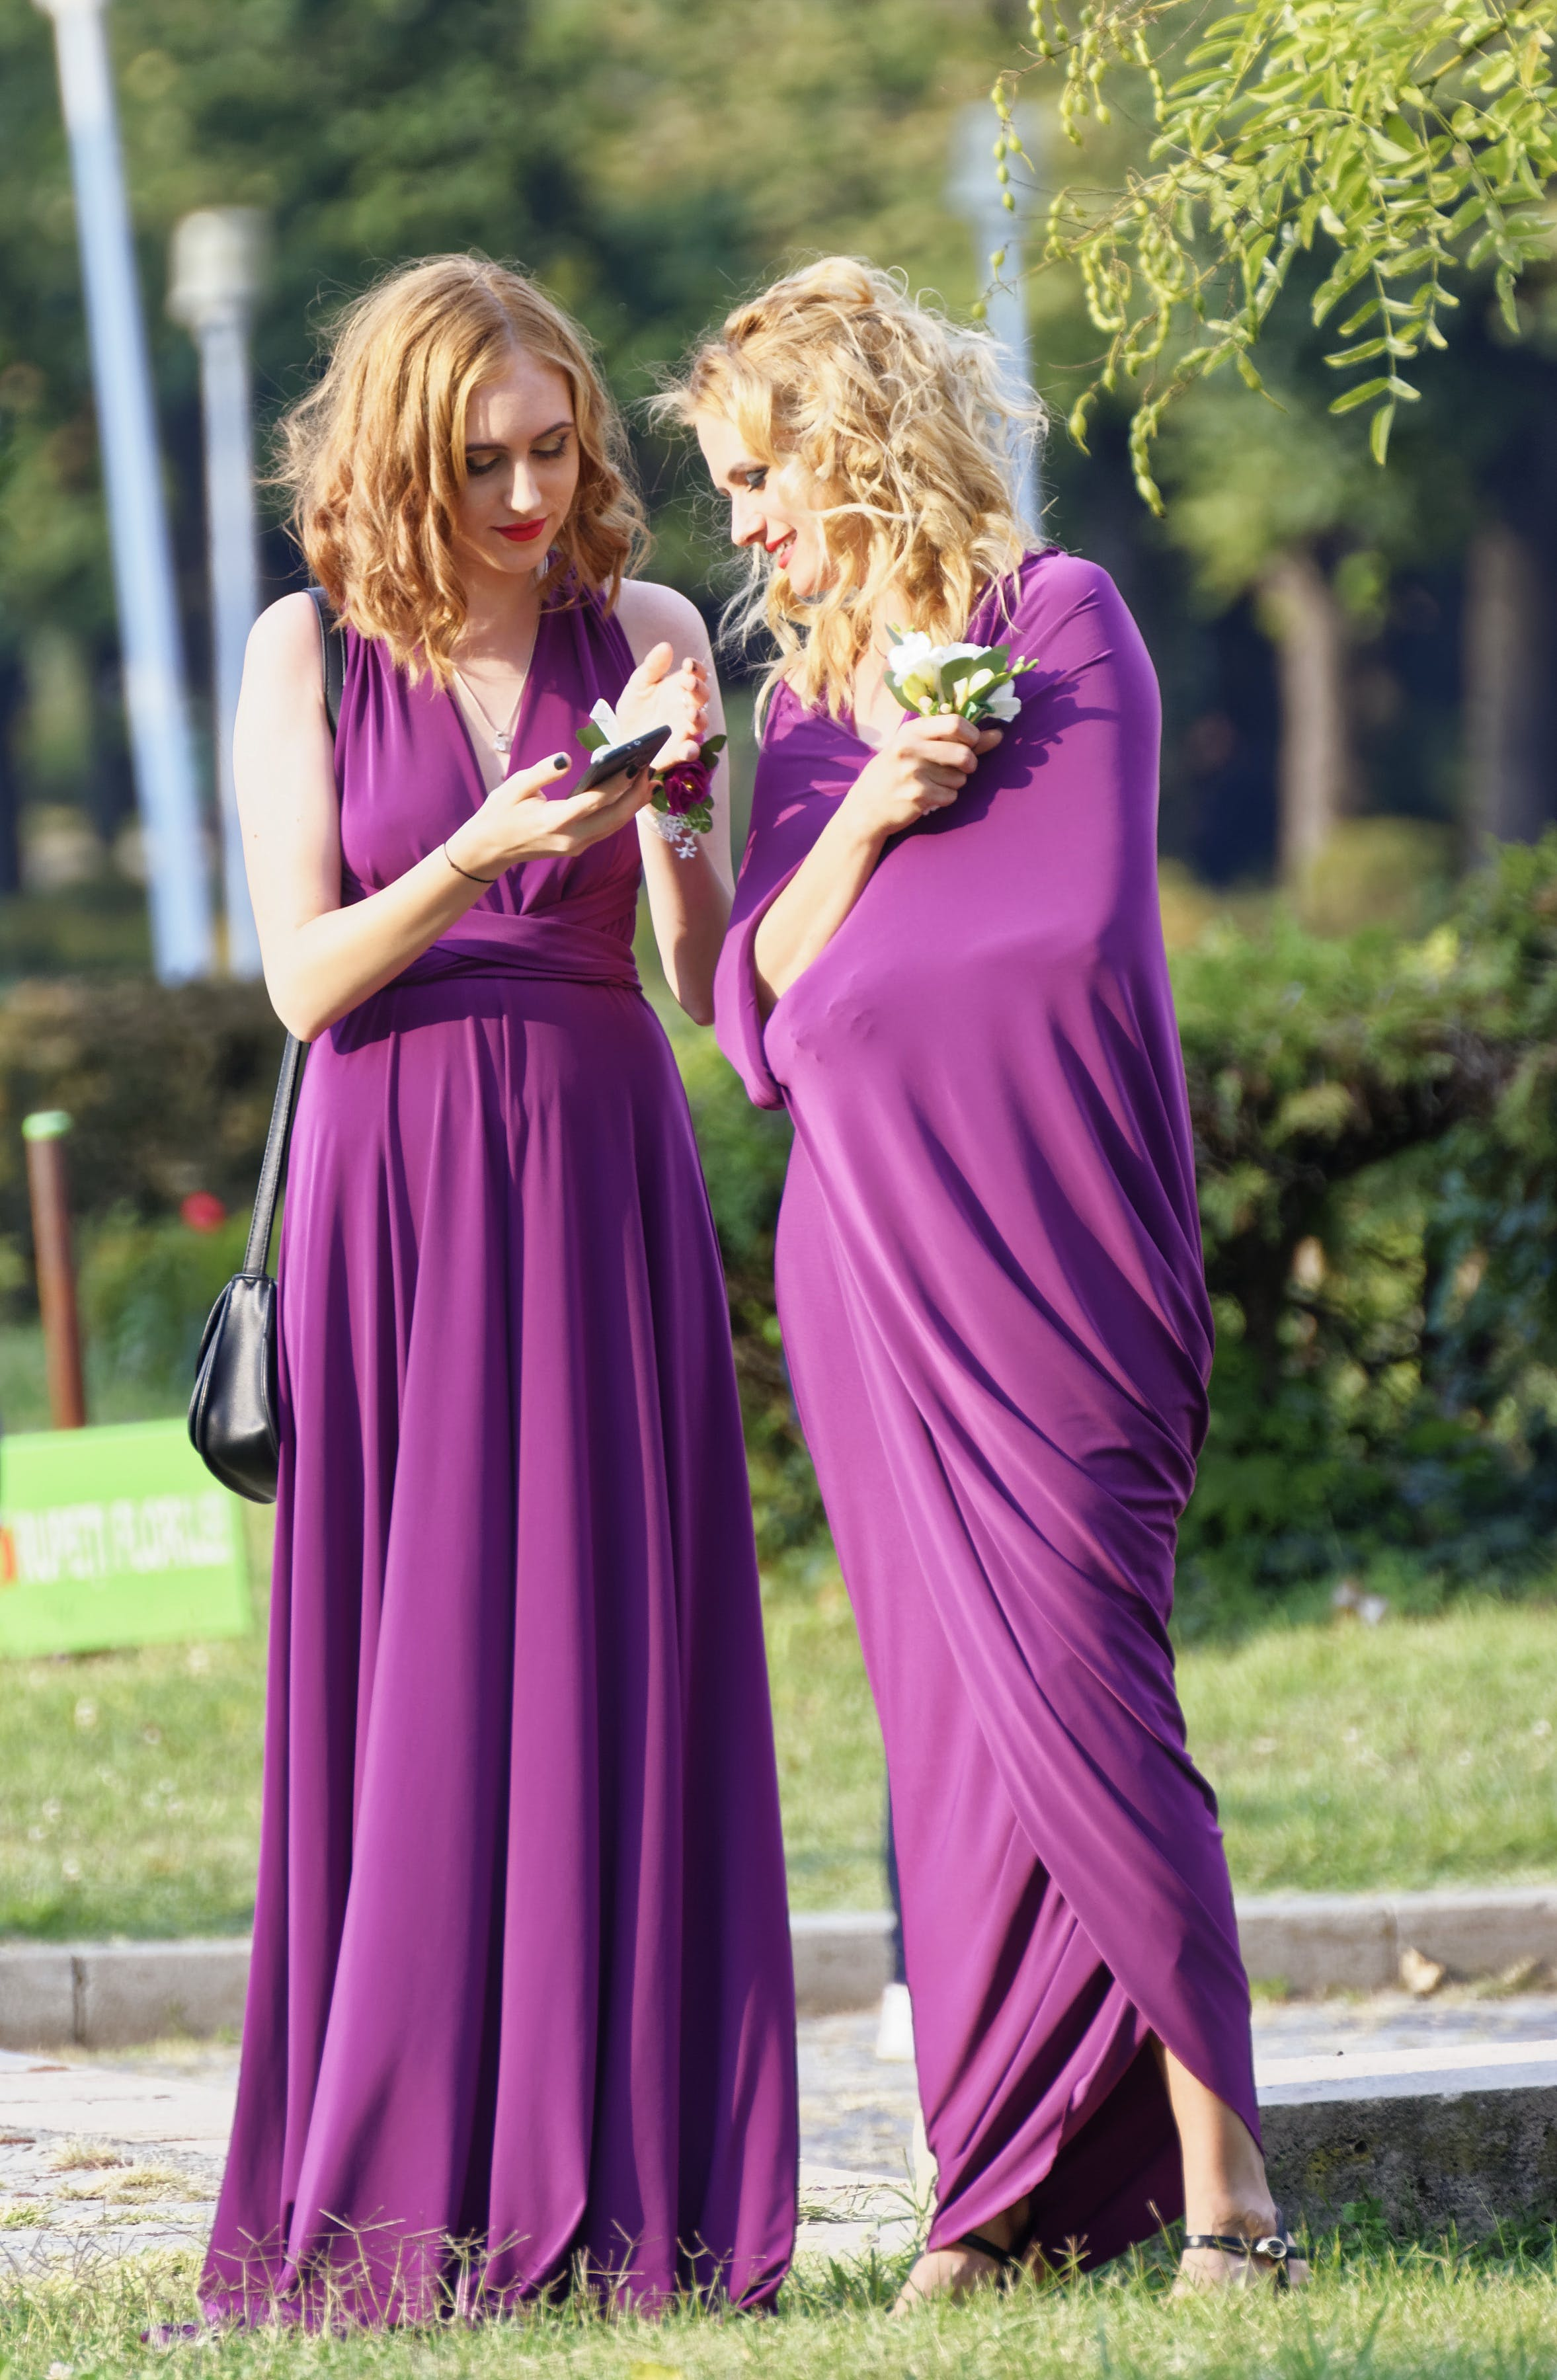 Two Women Wearing Purple Dresses on Grass Field